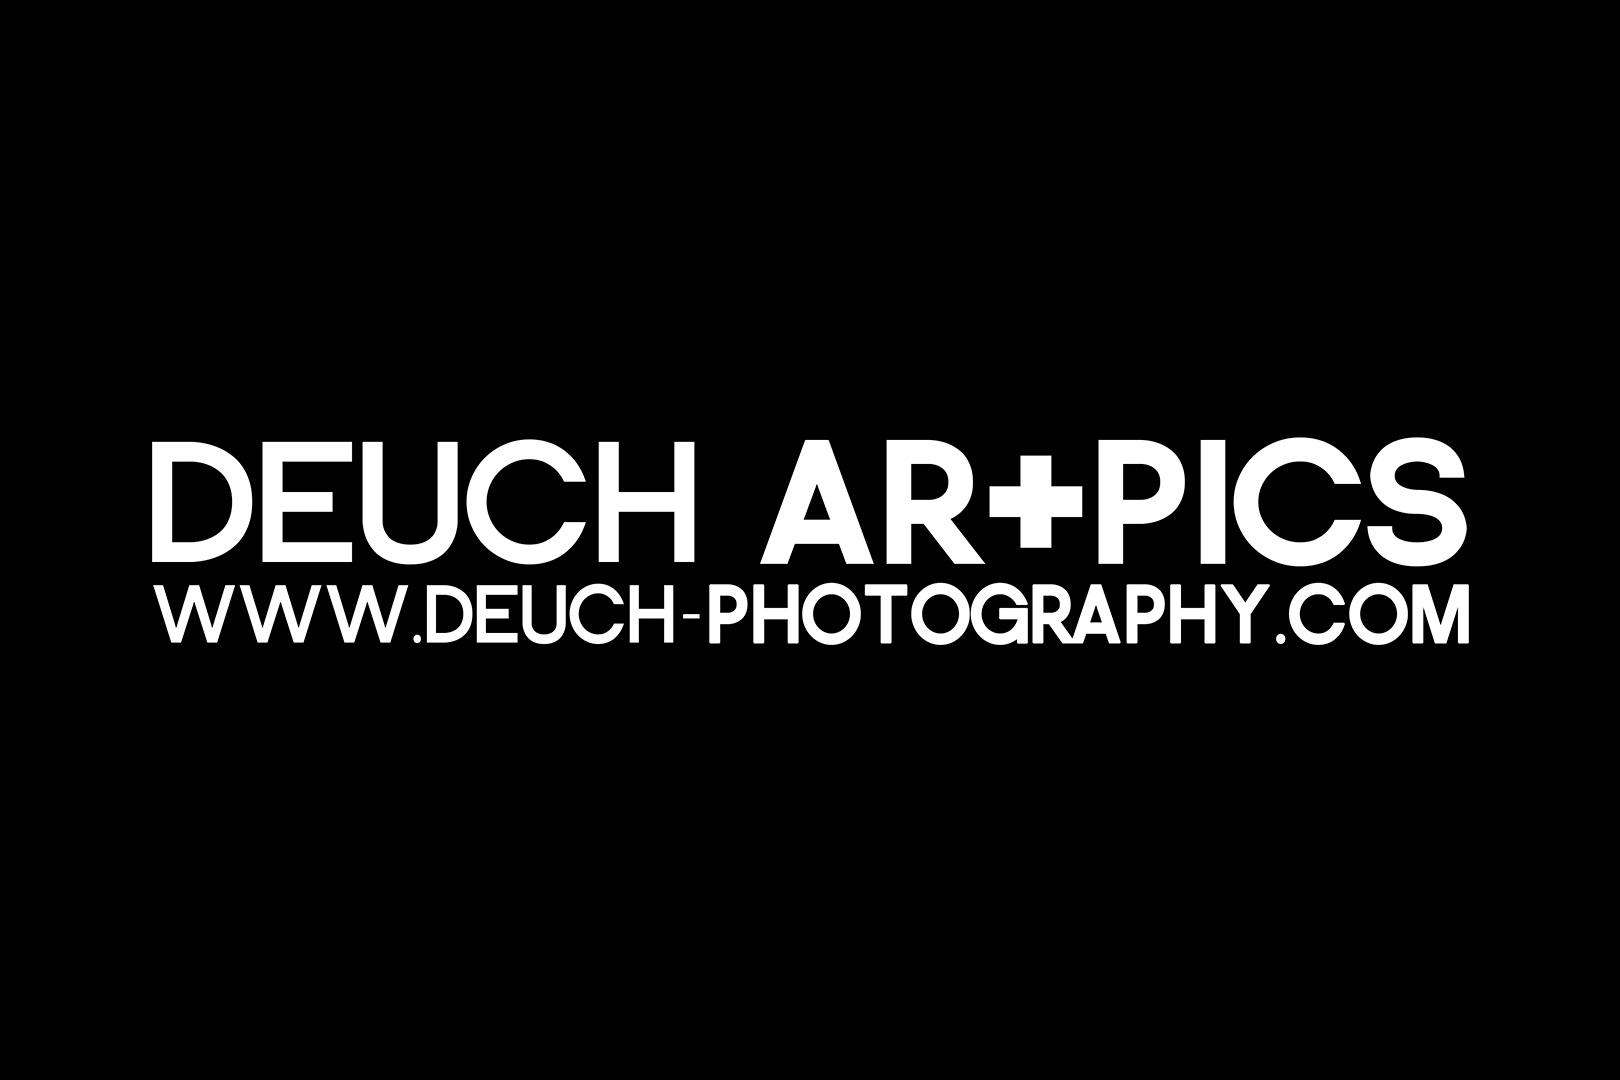 photographe de mariage besancon maiche pontarlier et franche comt portfolio deuch photography - Photographe Mariage Besancon